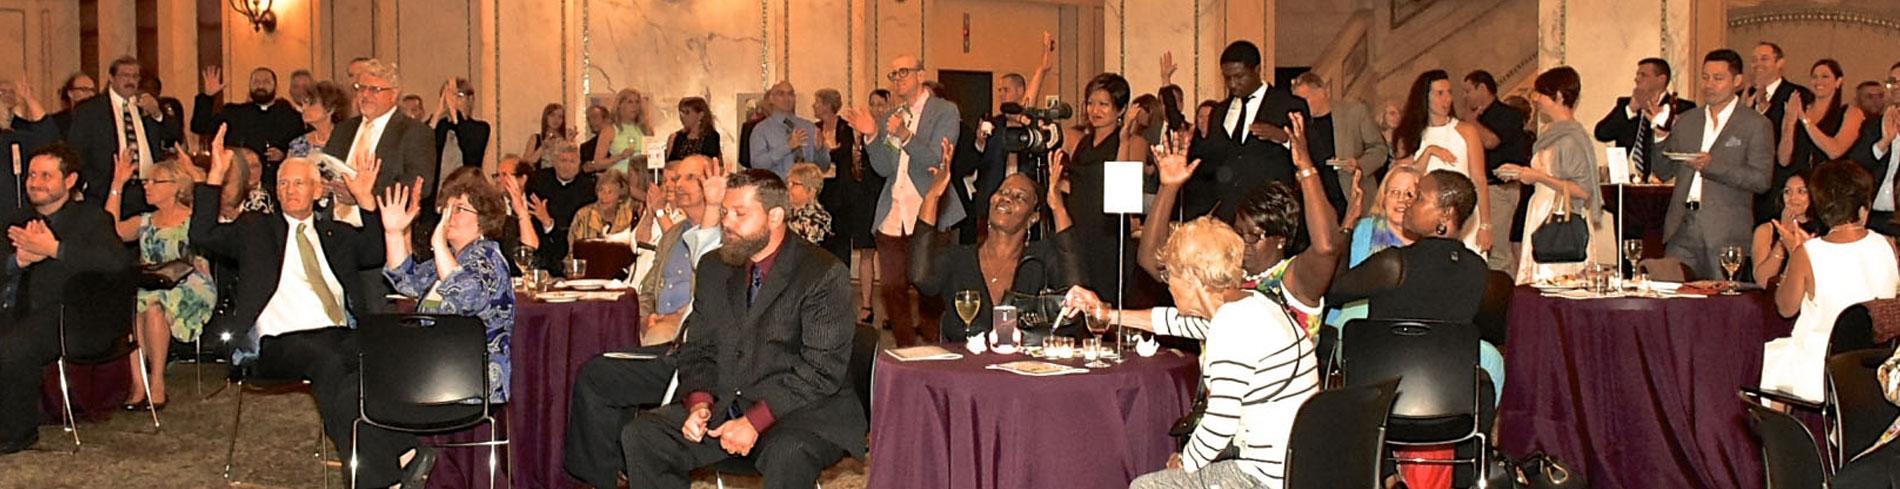 Un grupo de gente en un evento en apoyo de la Sociedad Auditiva de Chicago.